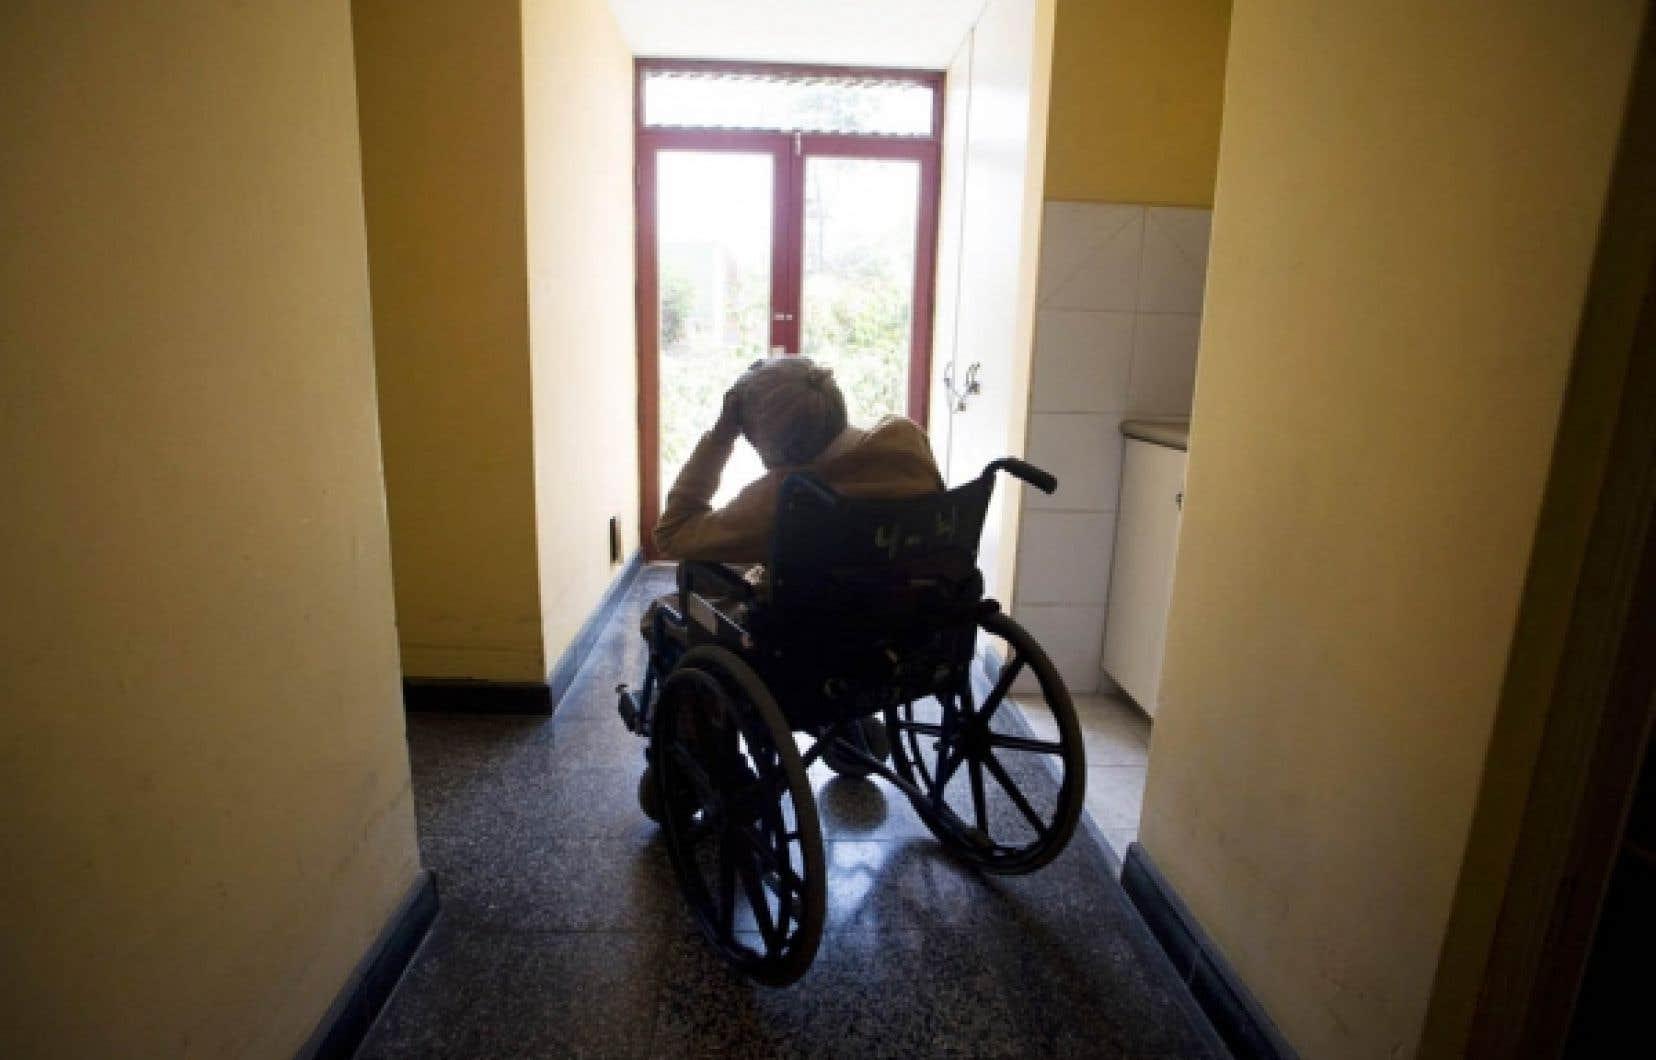 L'Association québécoise d'établissements de santé et de services sociaux insiste avec force sur la nécessité de renforcer l'offre de soins palliatifs partout dans le réseau.<br />